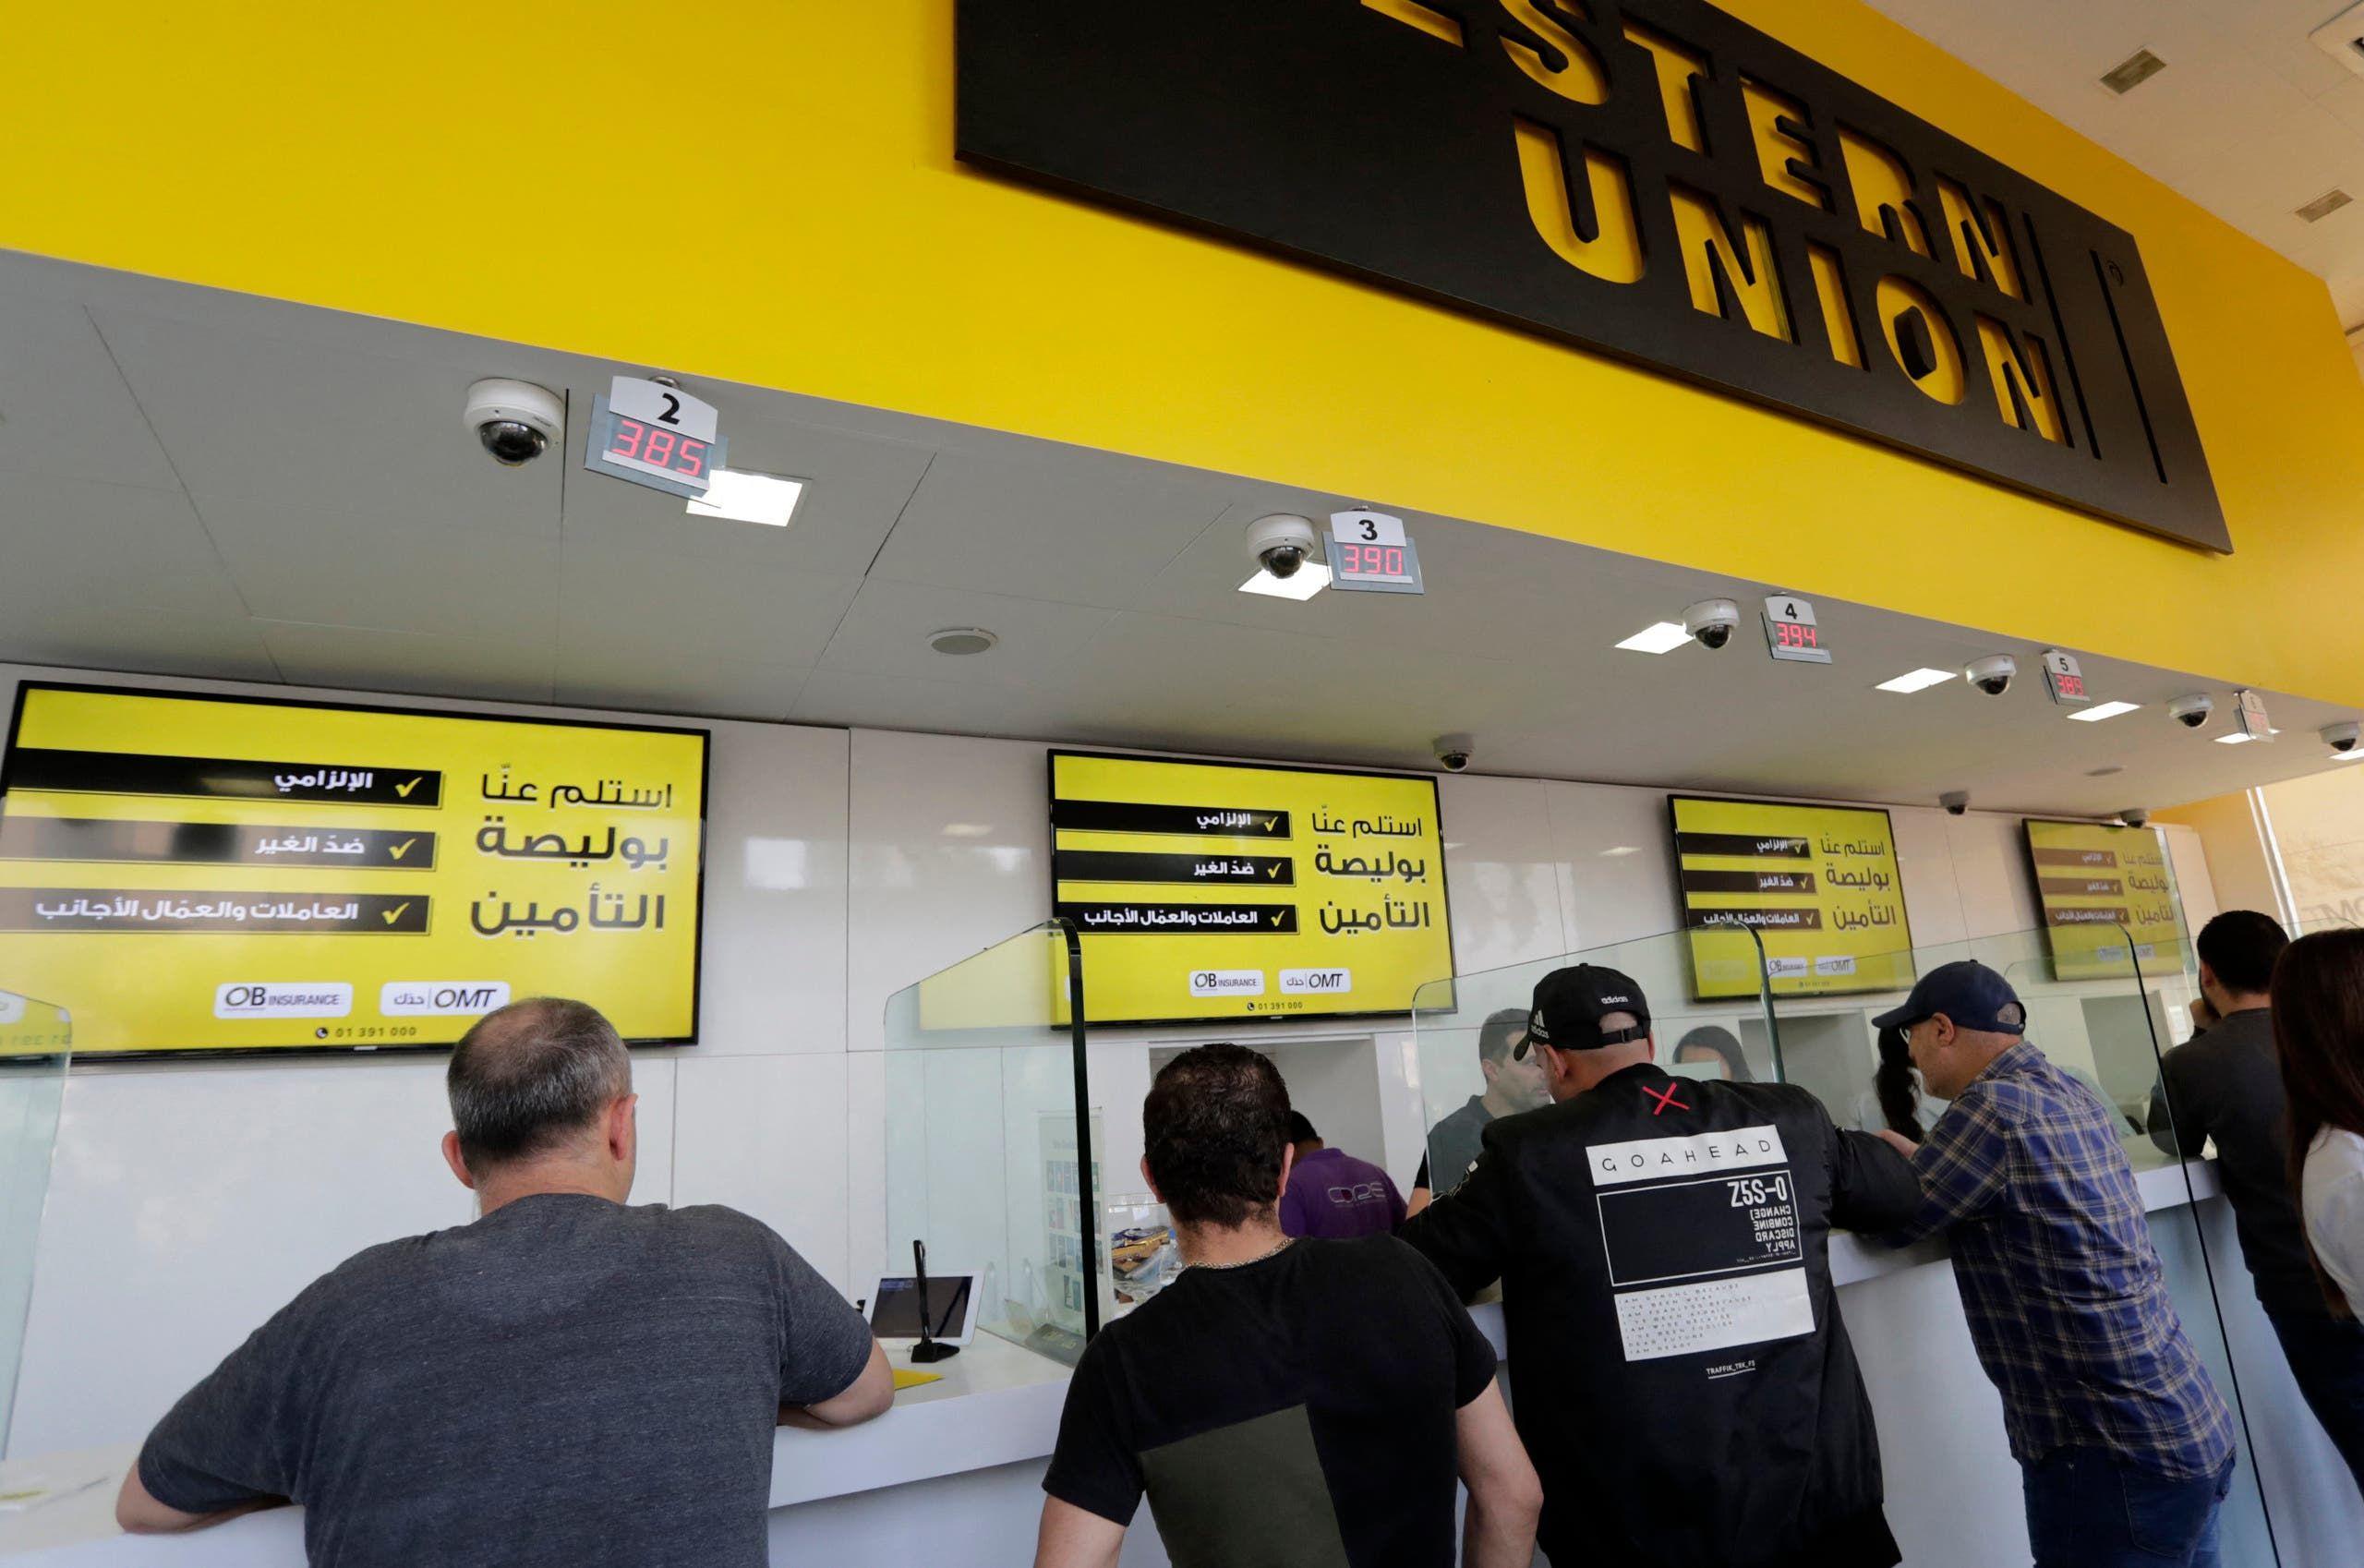 مزود خدمة تحويل الأموال في بيروت (أرشيفية من فرانس برس)